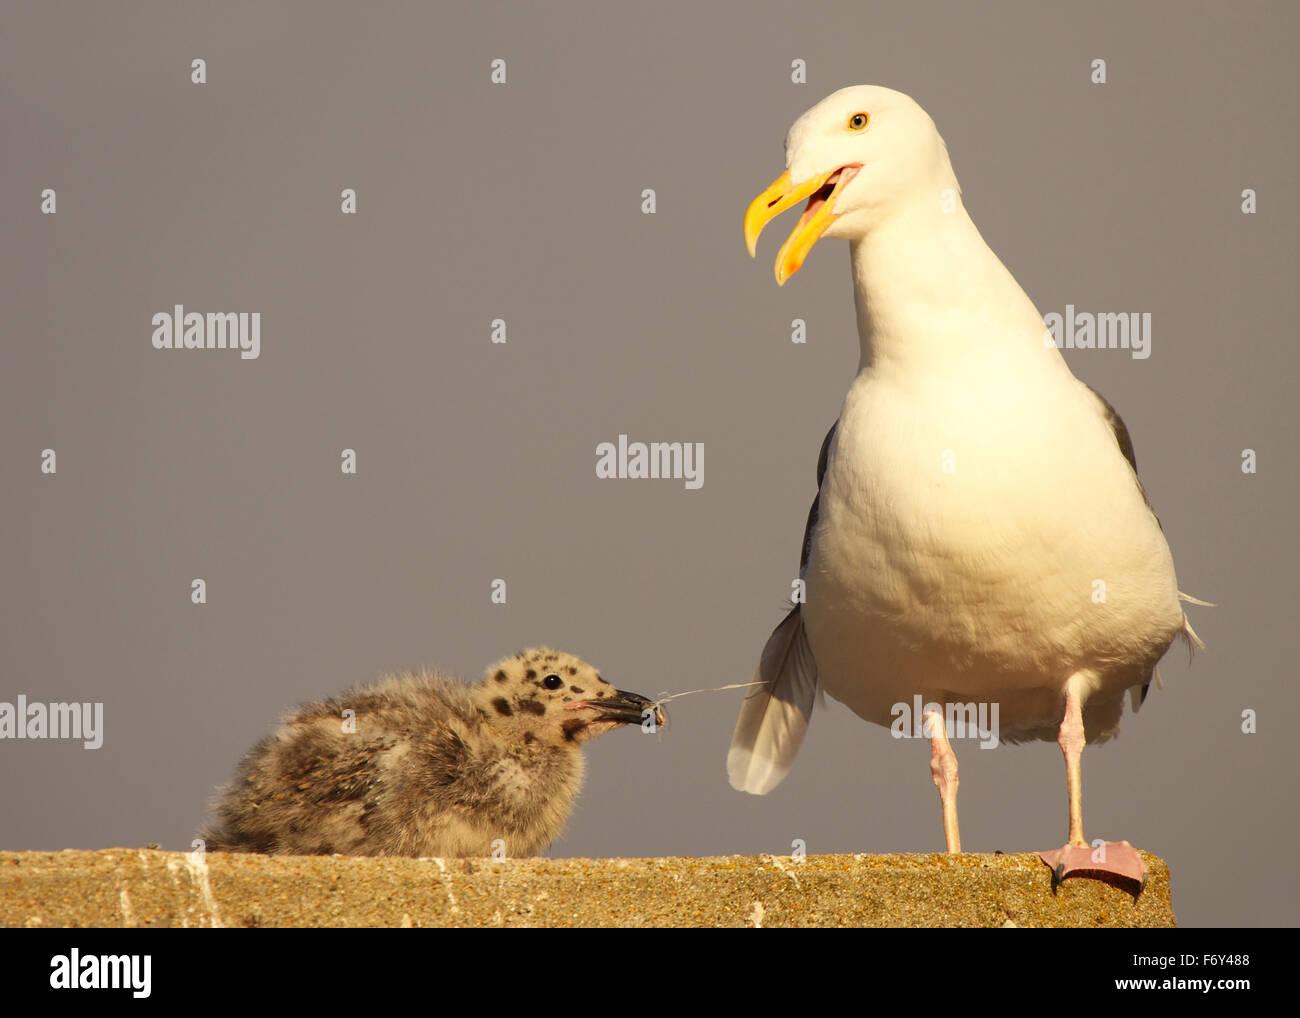 Un bebé Gaviota occidental al tirar de su padre's Tail y obtener una respuesta. Imagen De Stock